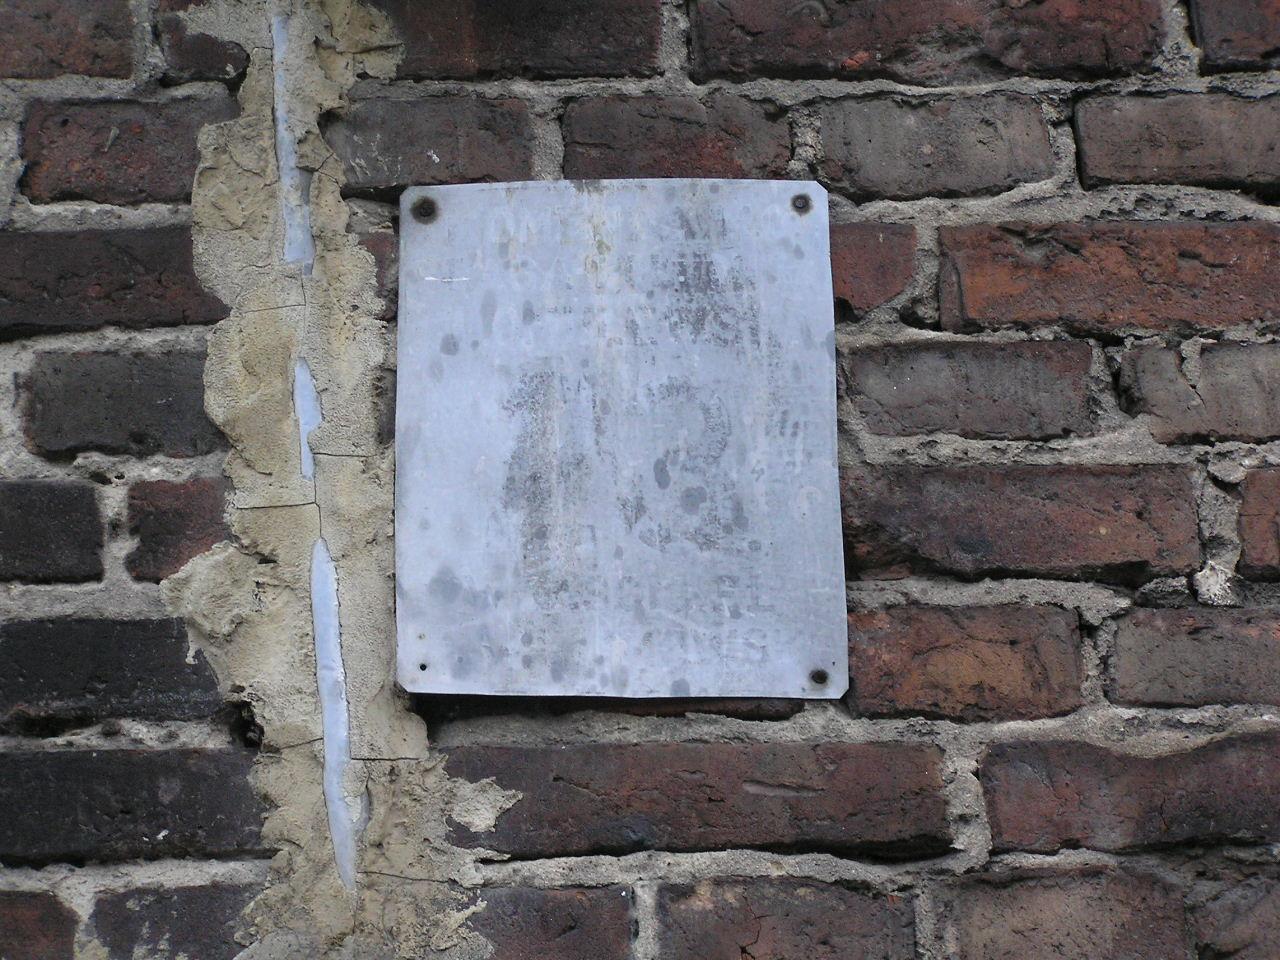 Tabliczka adresowa przy ulicy Omulewskiej 23 na Grochowie